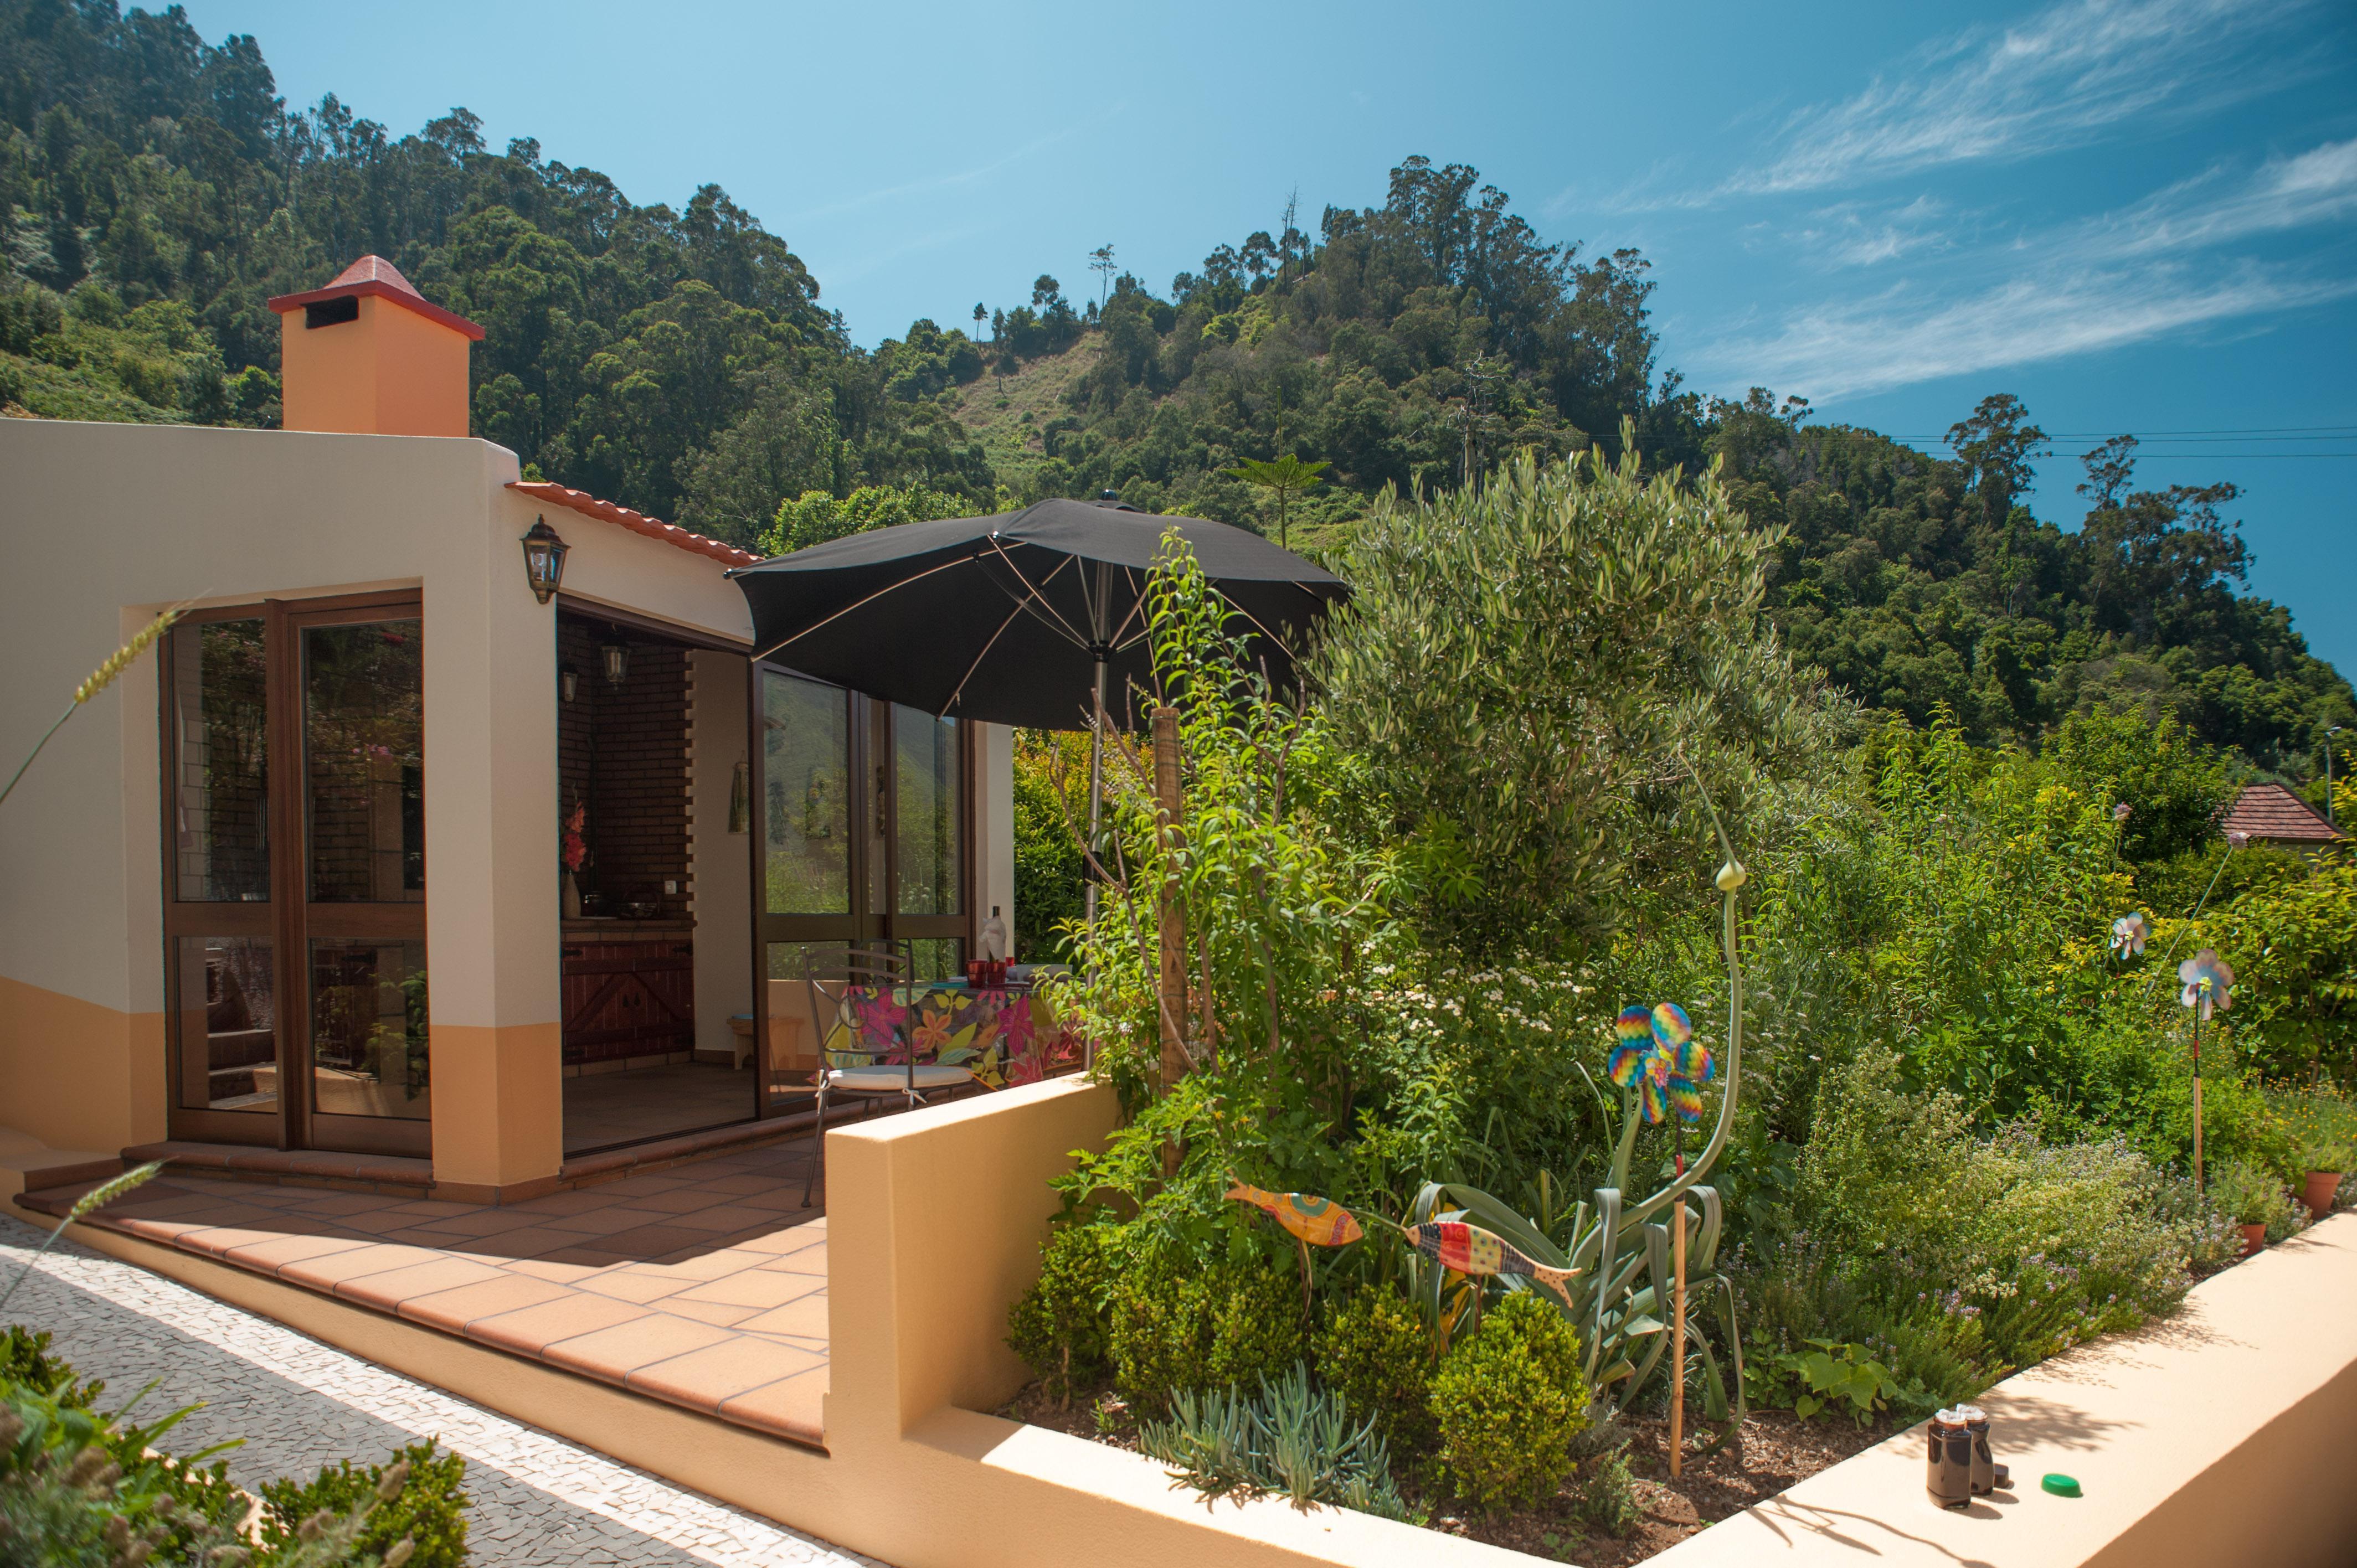 Ferienhaus Casa do Regresso (444181), São Vicente, , Madeira, Portugal, Bild 28